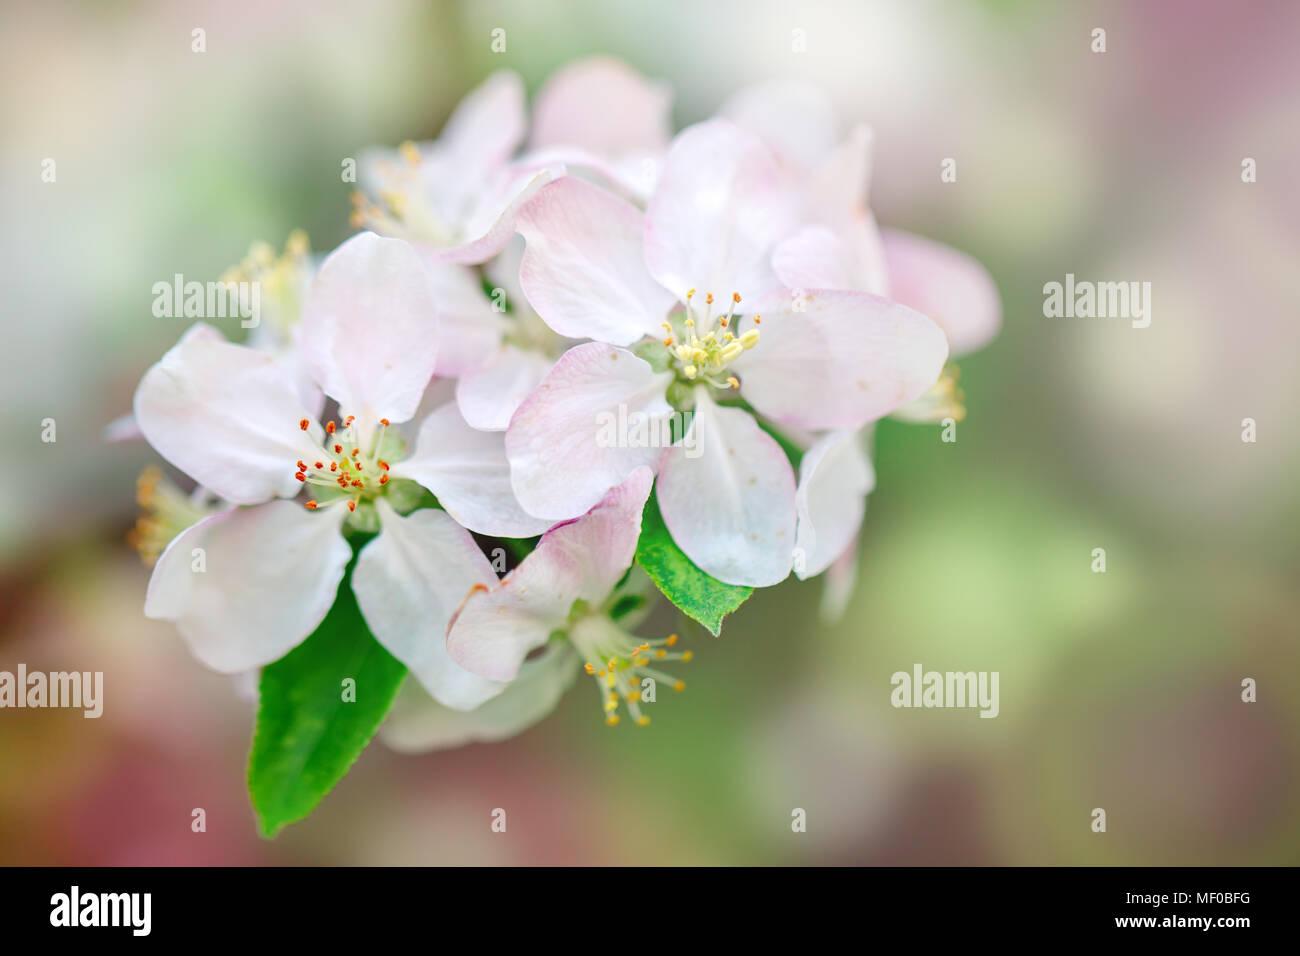 Die Quitte Baum. Schöne Blumen mit Quitte Baum im Frühling. Blumen und Gartenbau. Floral background. Stockbild